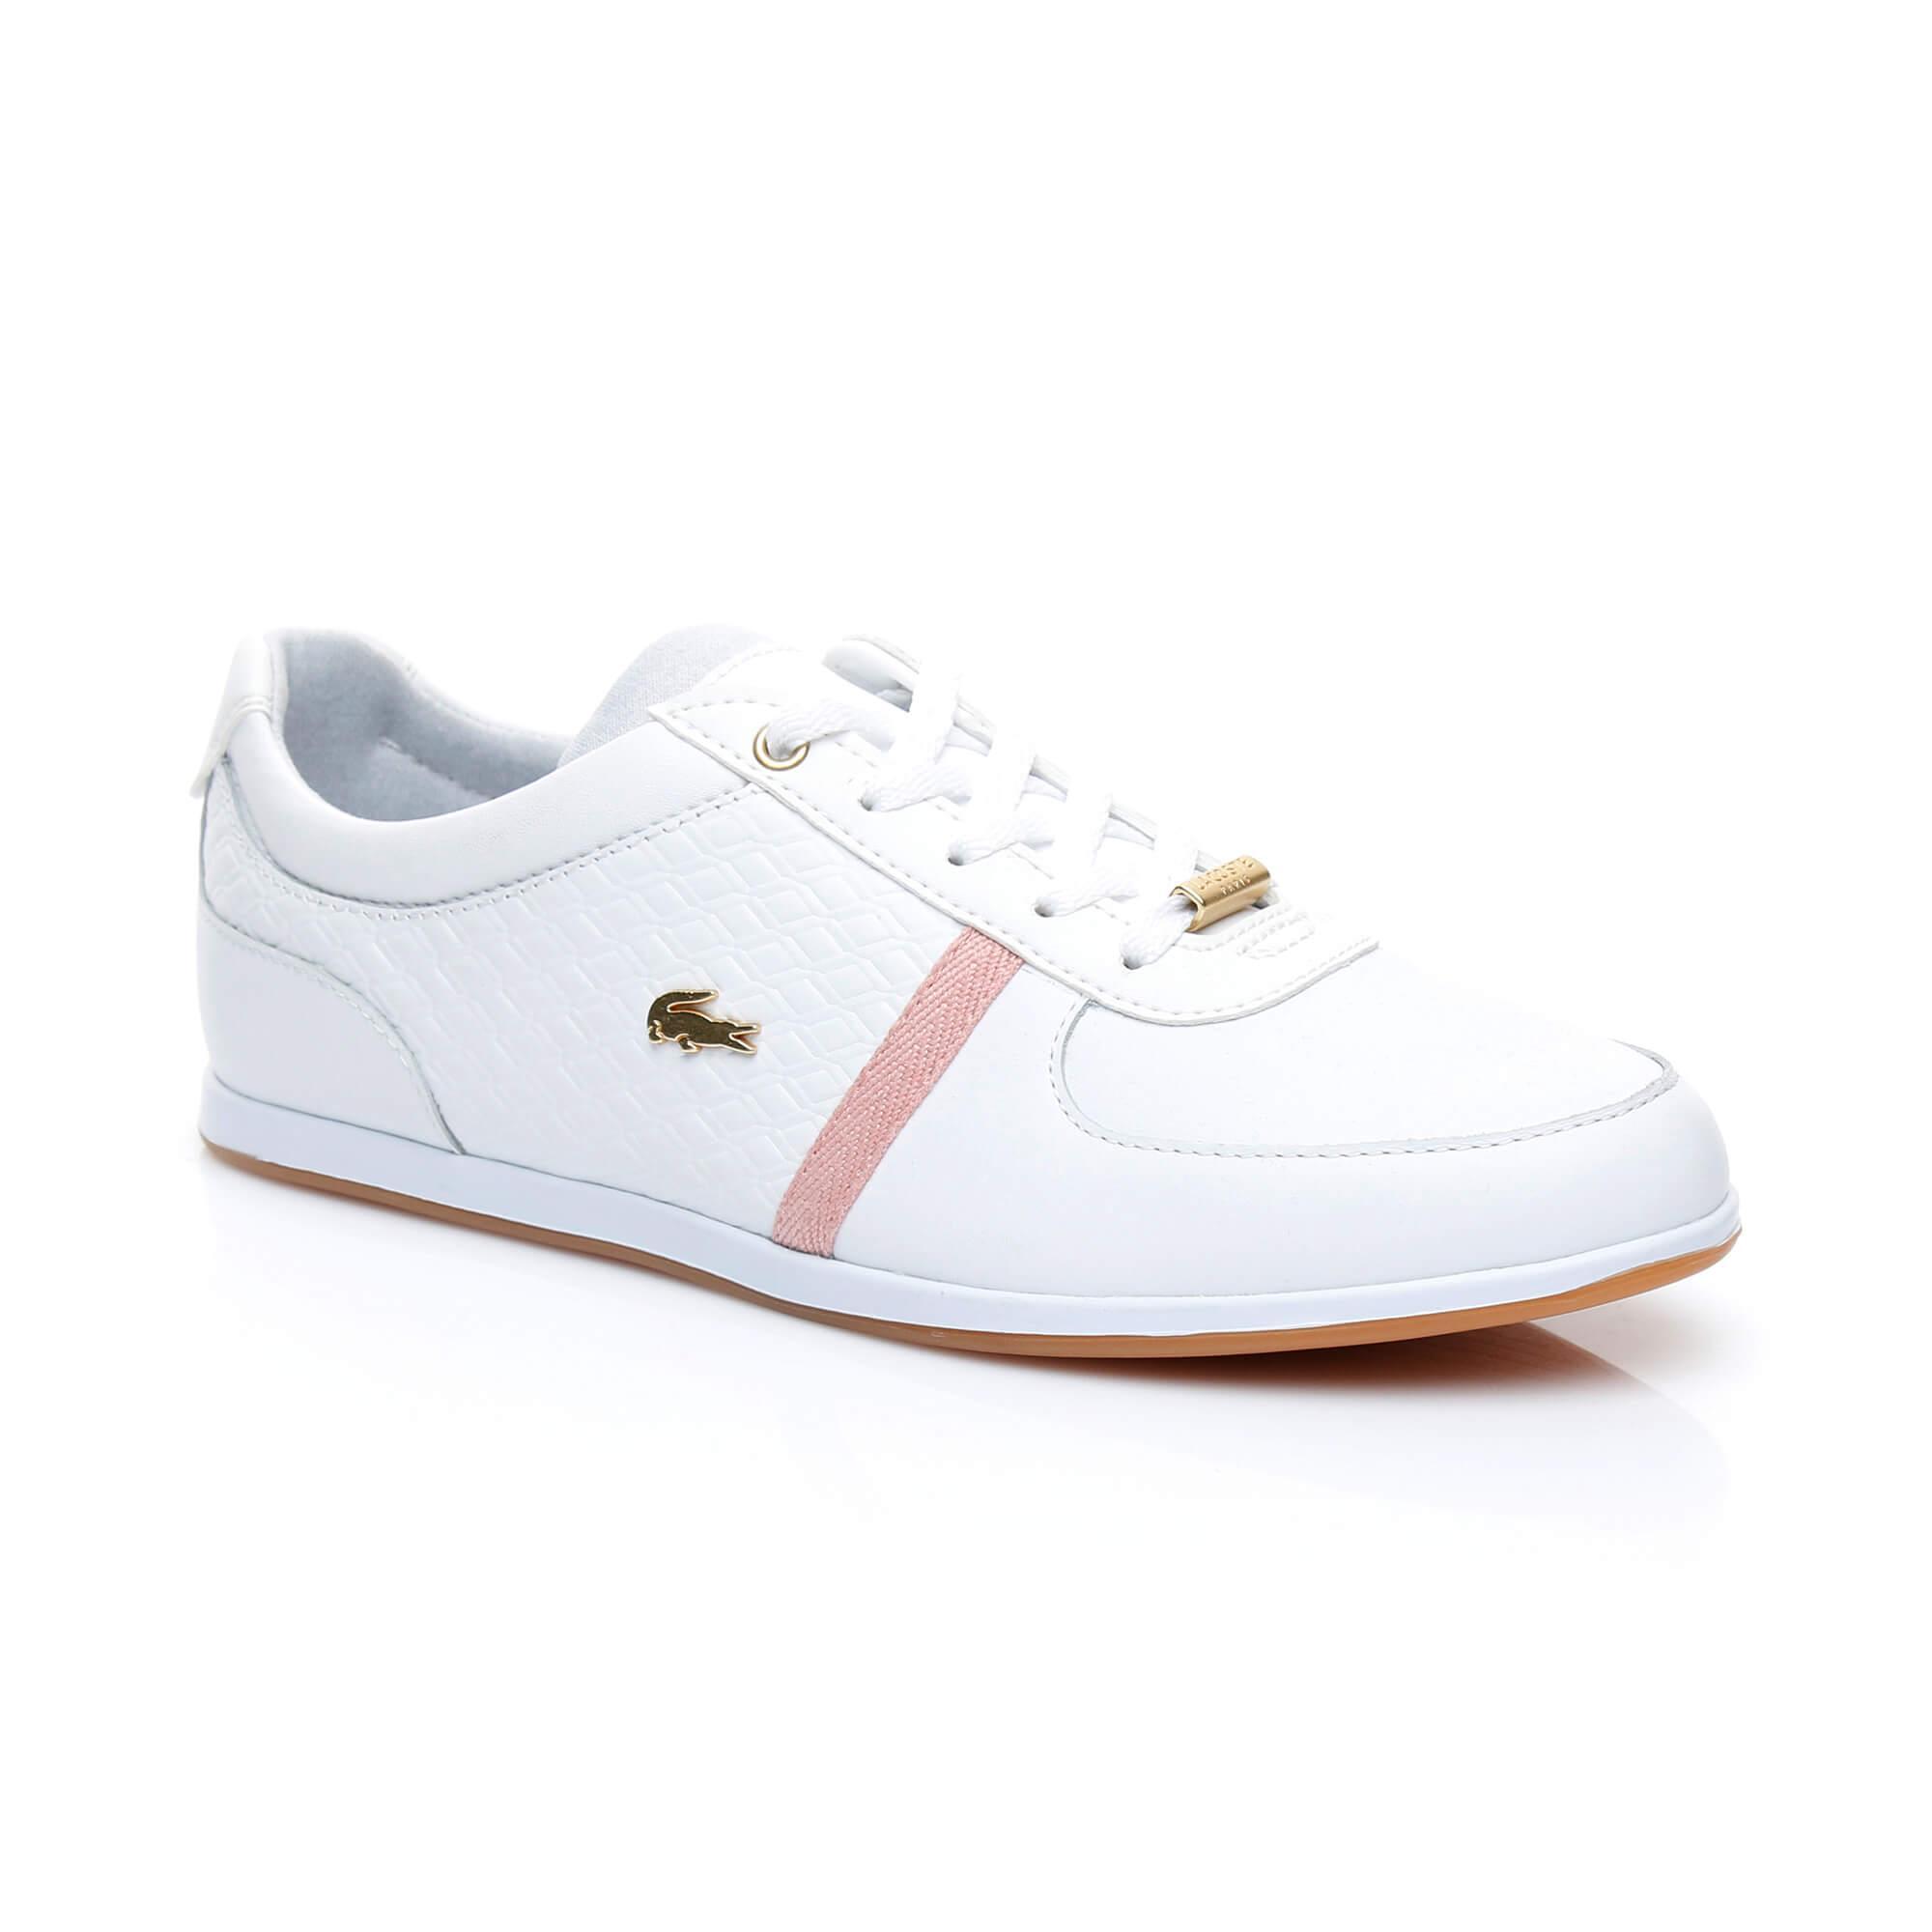 a5805cb21 Lacoste Women's Rey Sport 318 1 Sneaker 736CAW0034 B53 | lacoste.pl ...